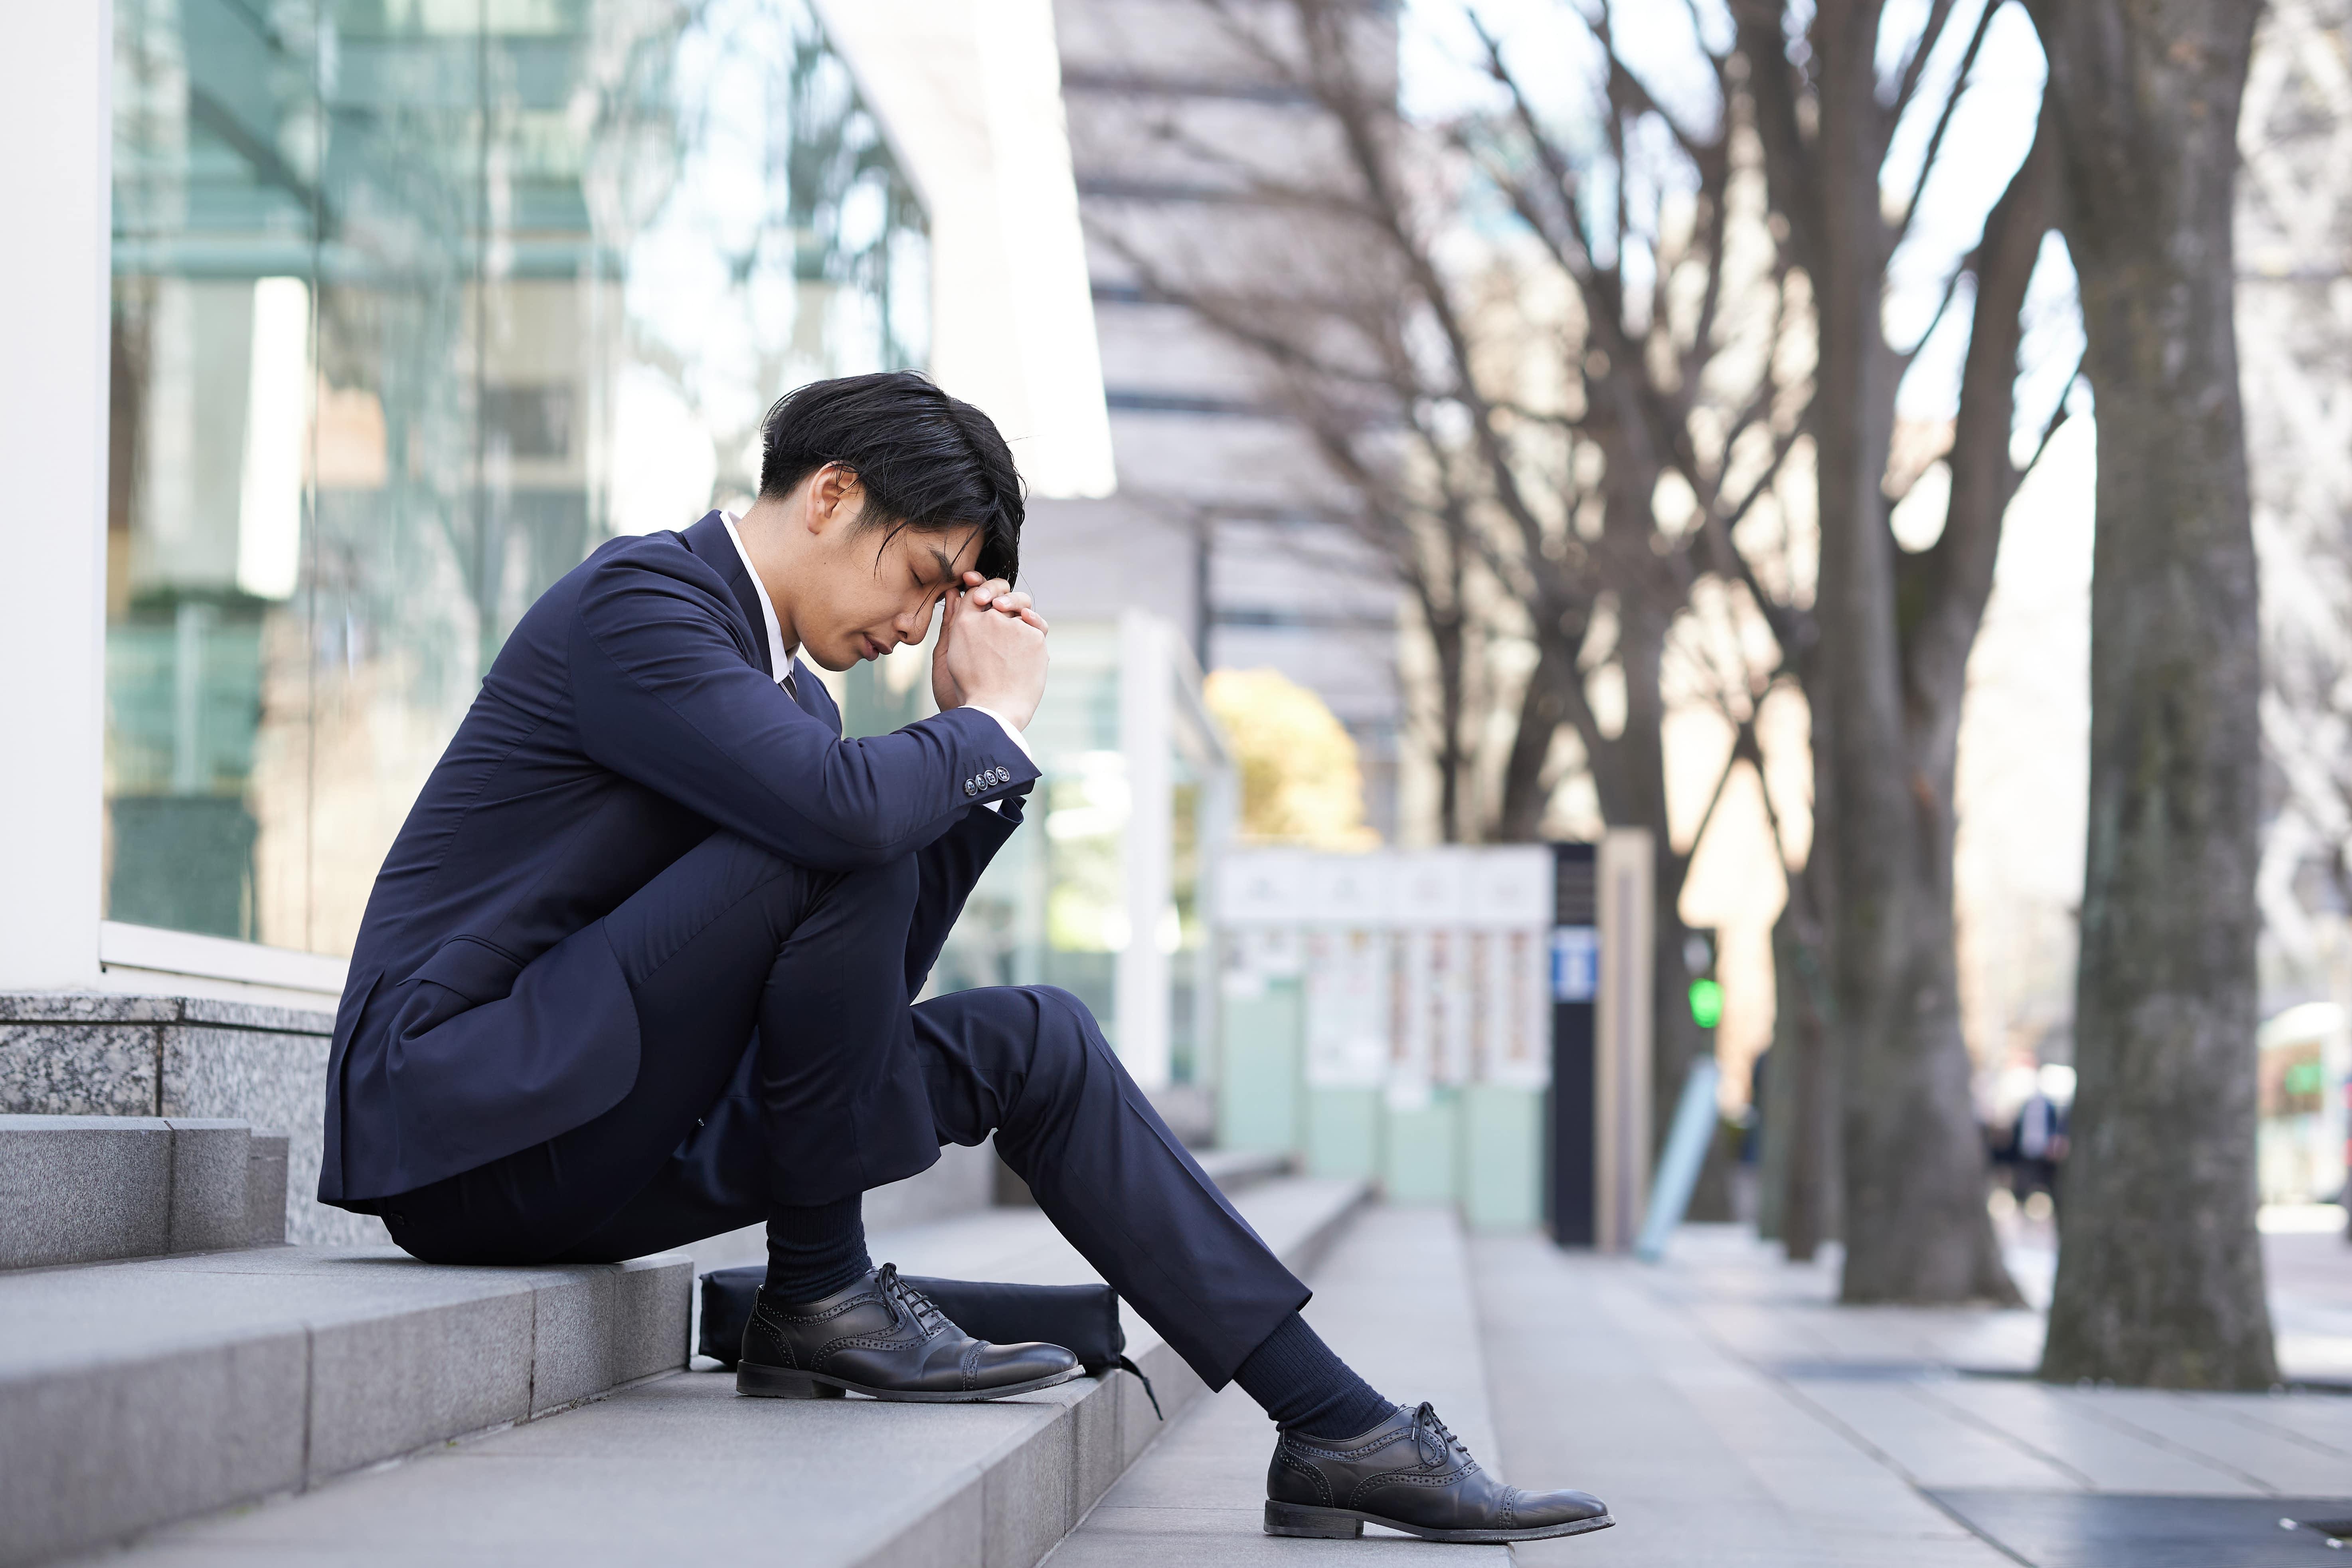 就活が辛い、やめたい、泣きたいあなたに、経験者が教える知っておいてほしい3つのこと